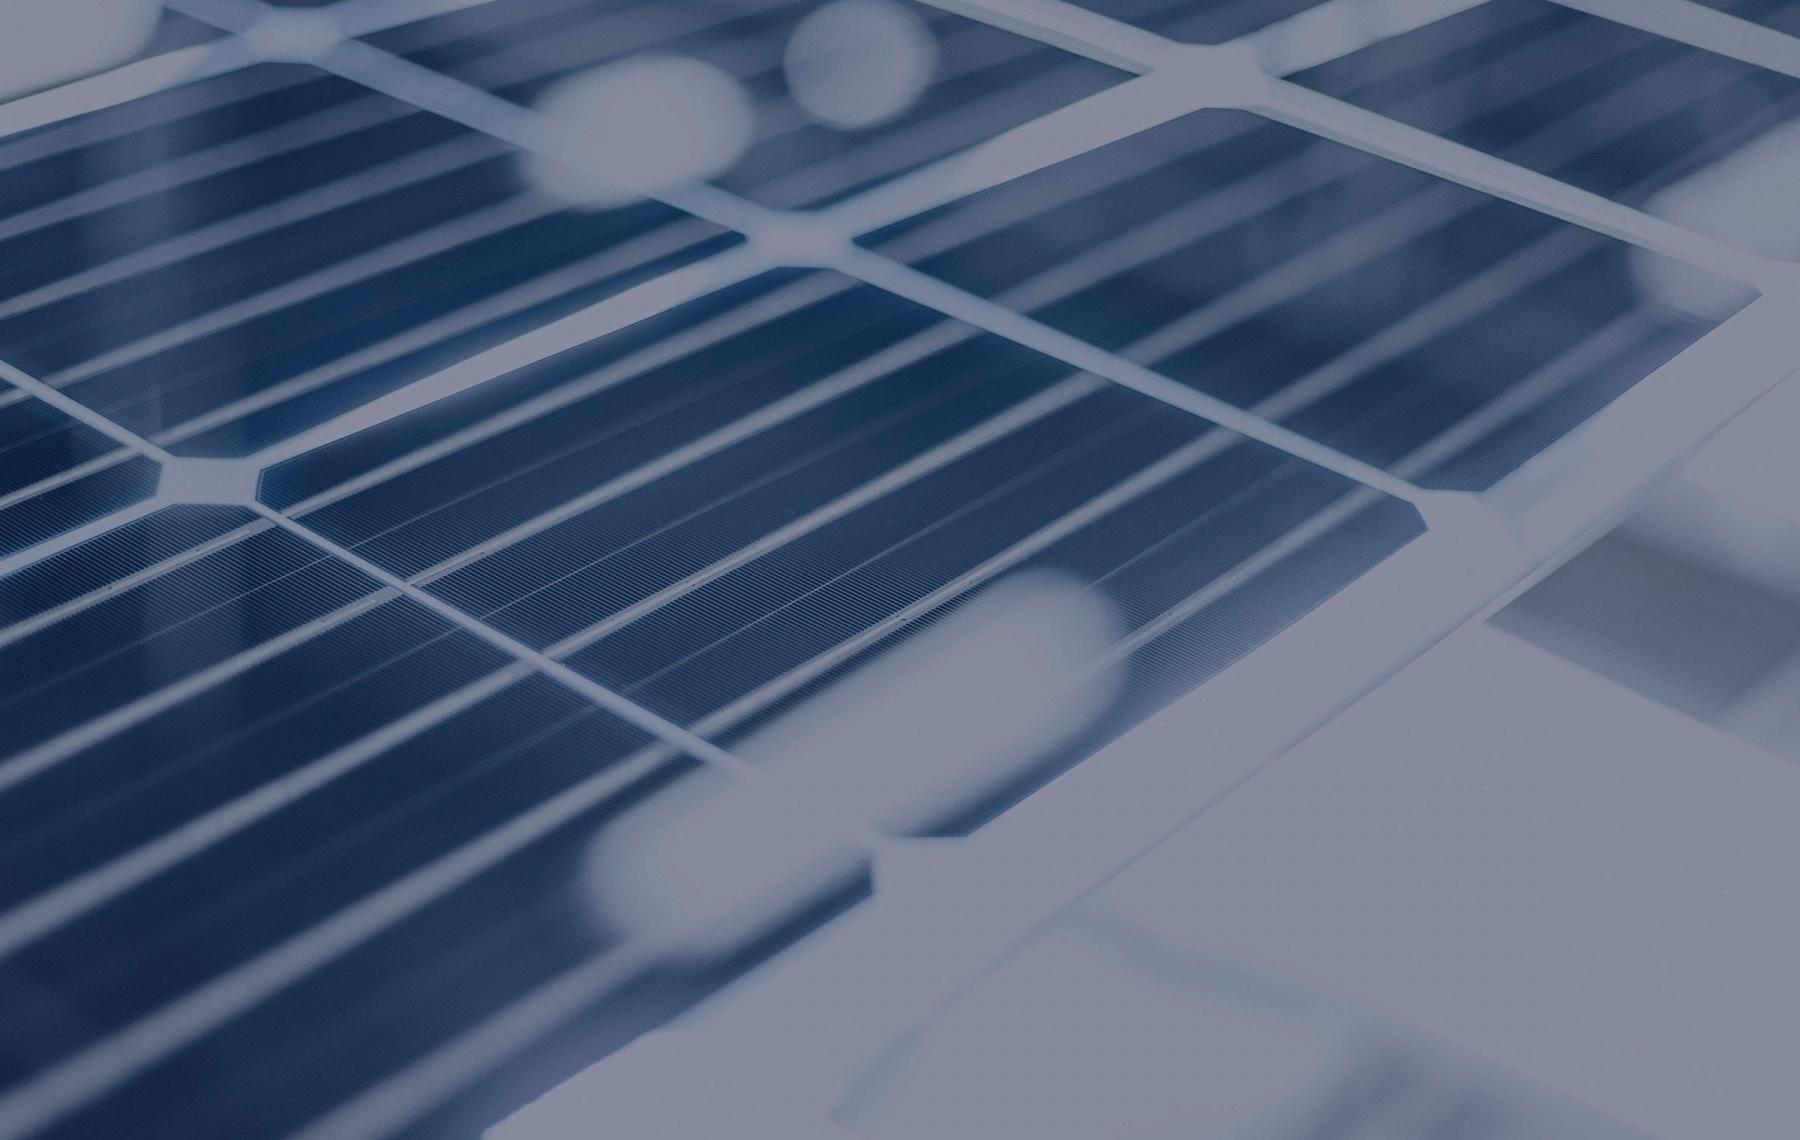 Ilgaamžiai saulės moduliai